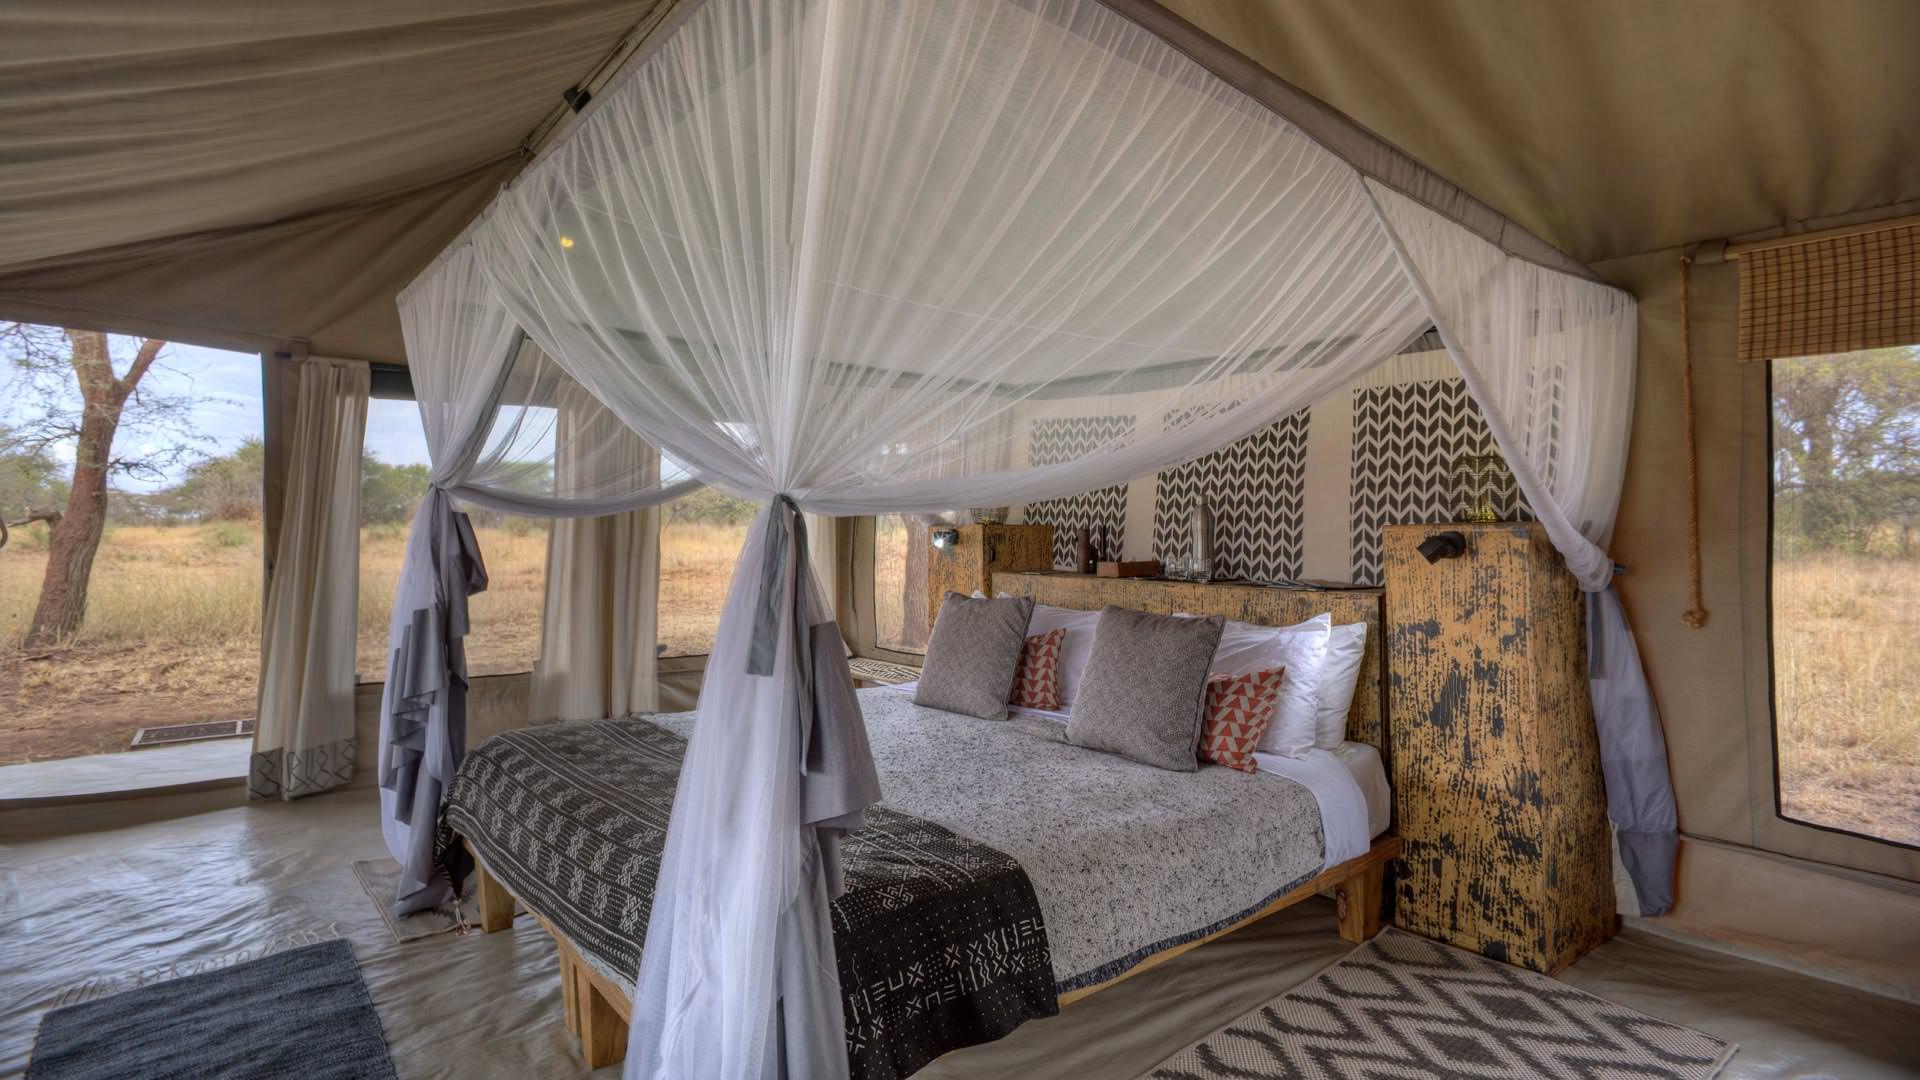 Ubuntu Camp Guest bed